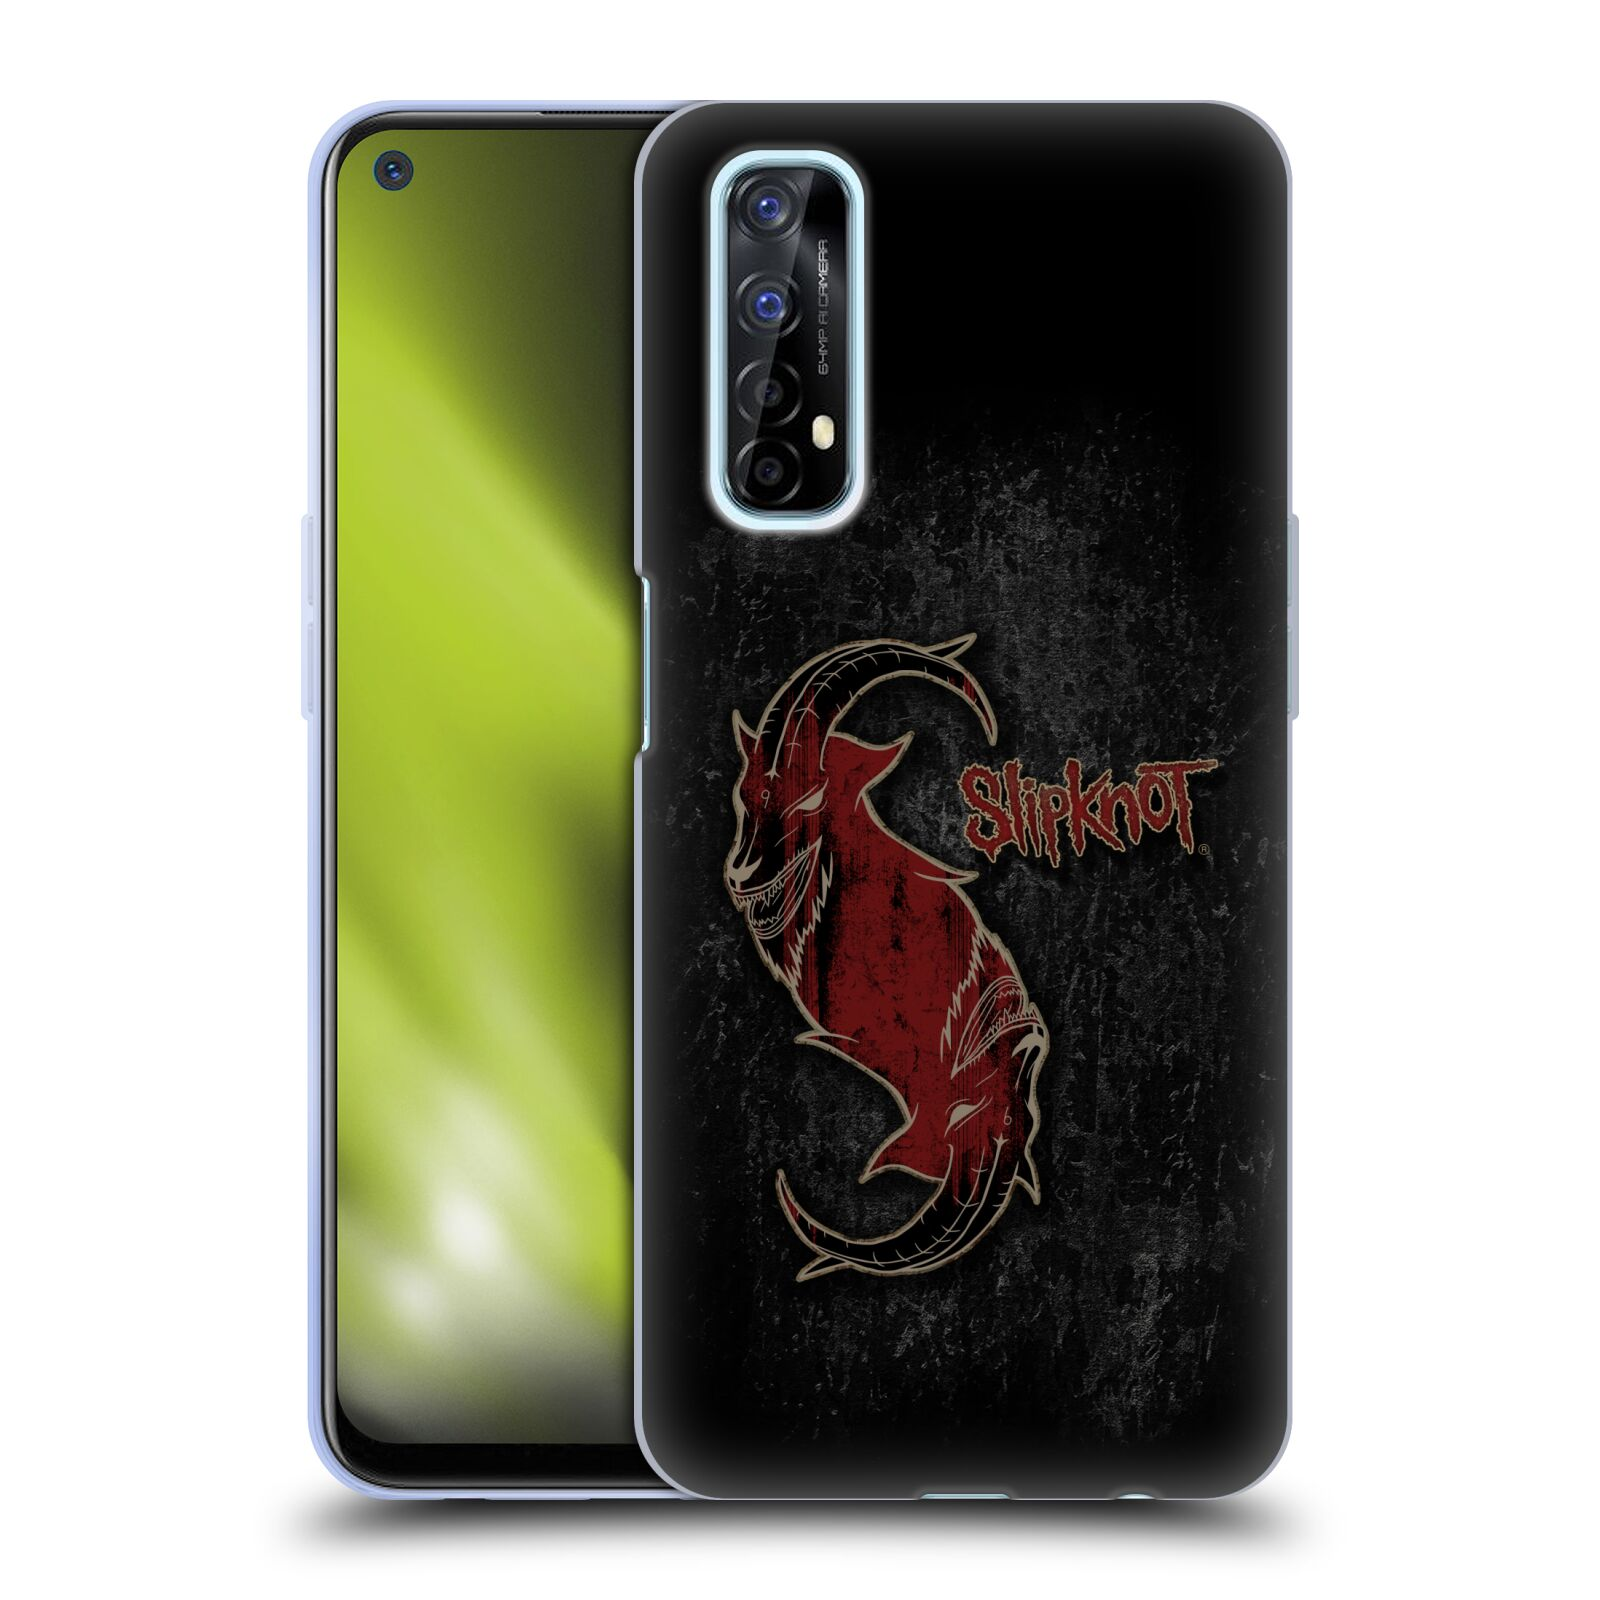 Silikonové pouzdro na mobil Realme 7 - Head Case - Slipknot - Rudý kozel